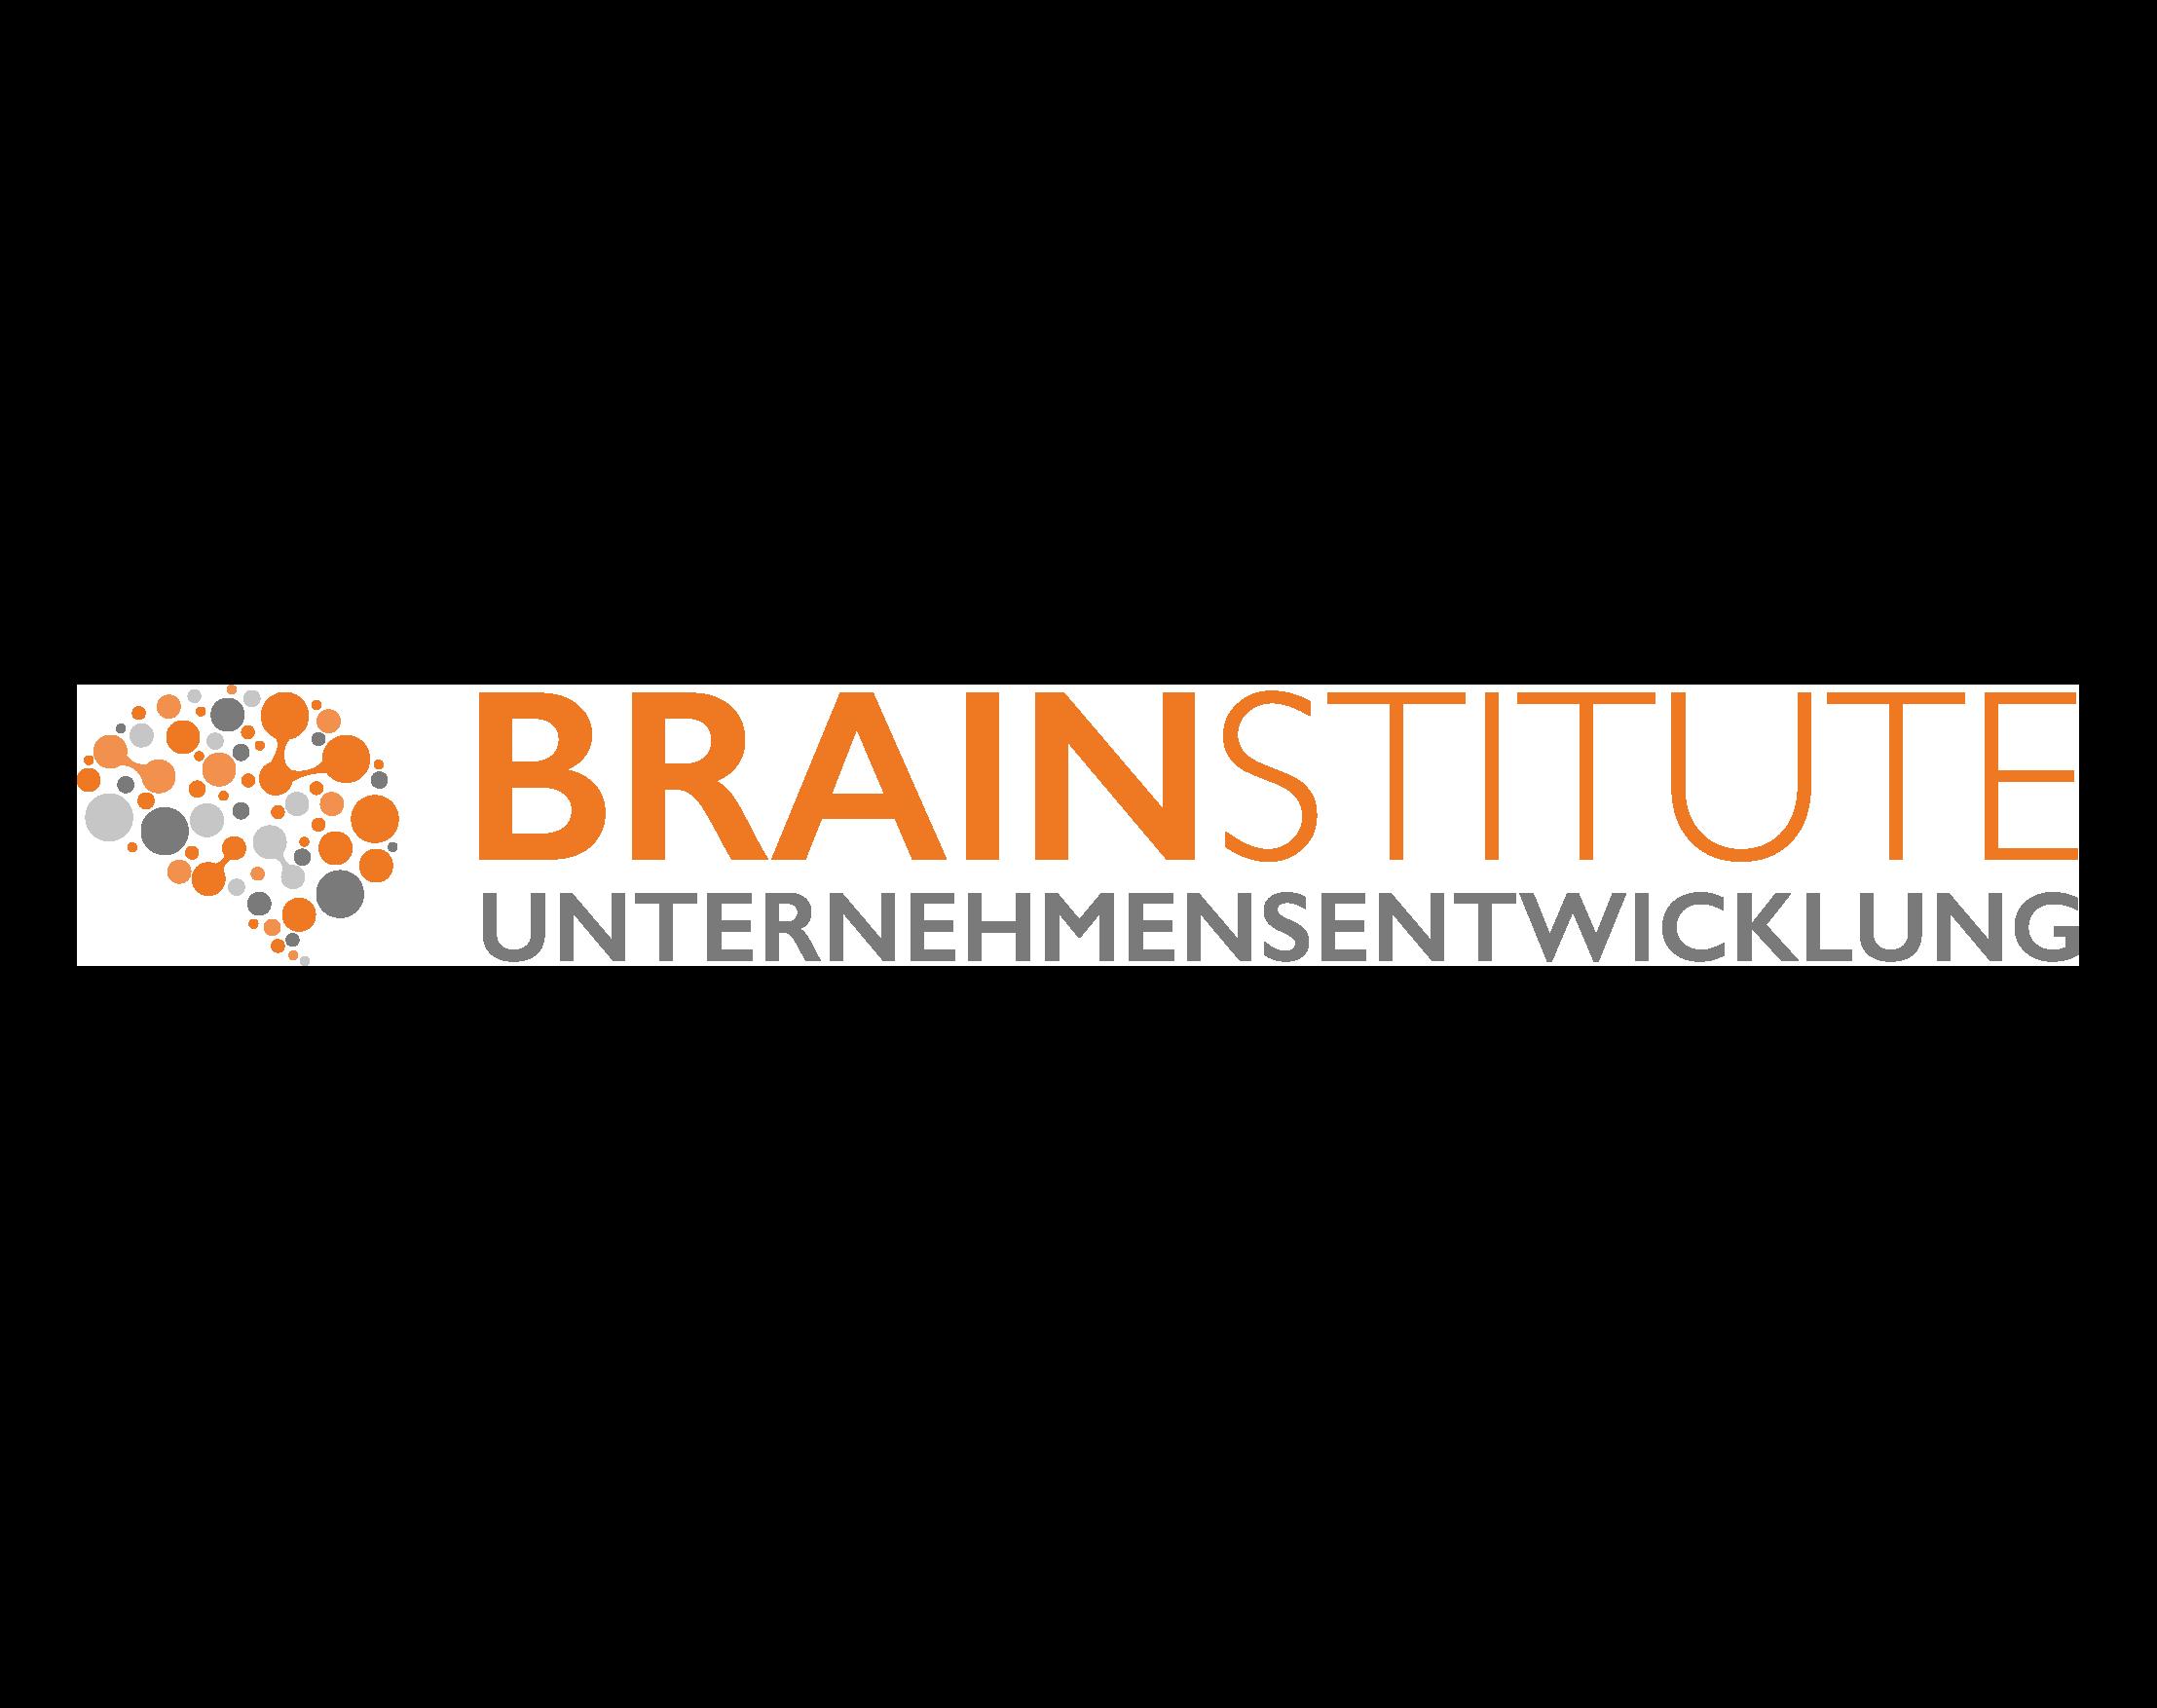 brainstitute.eu